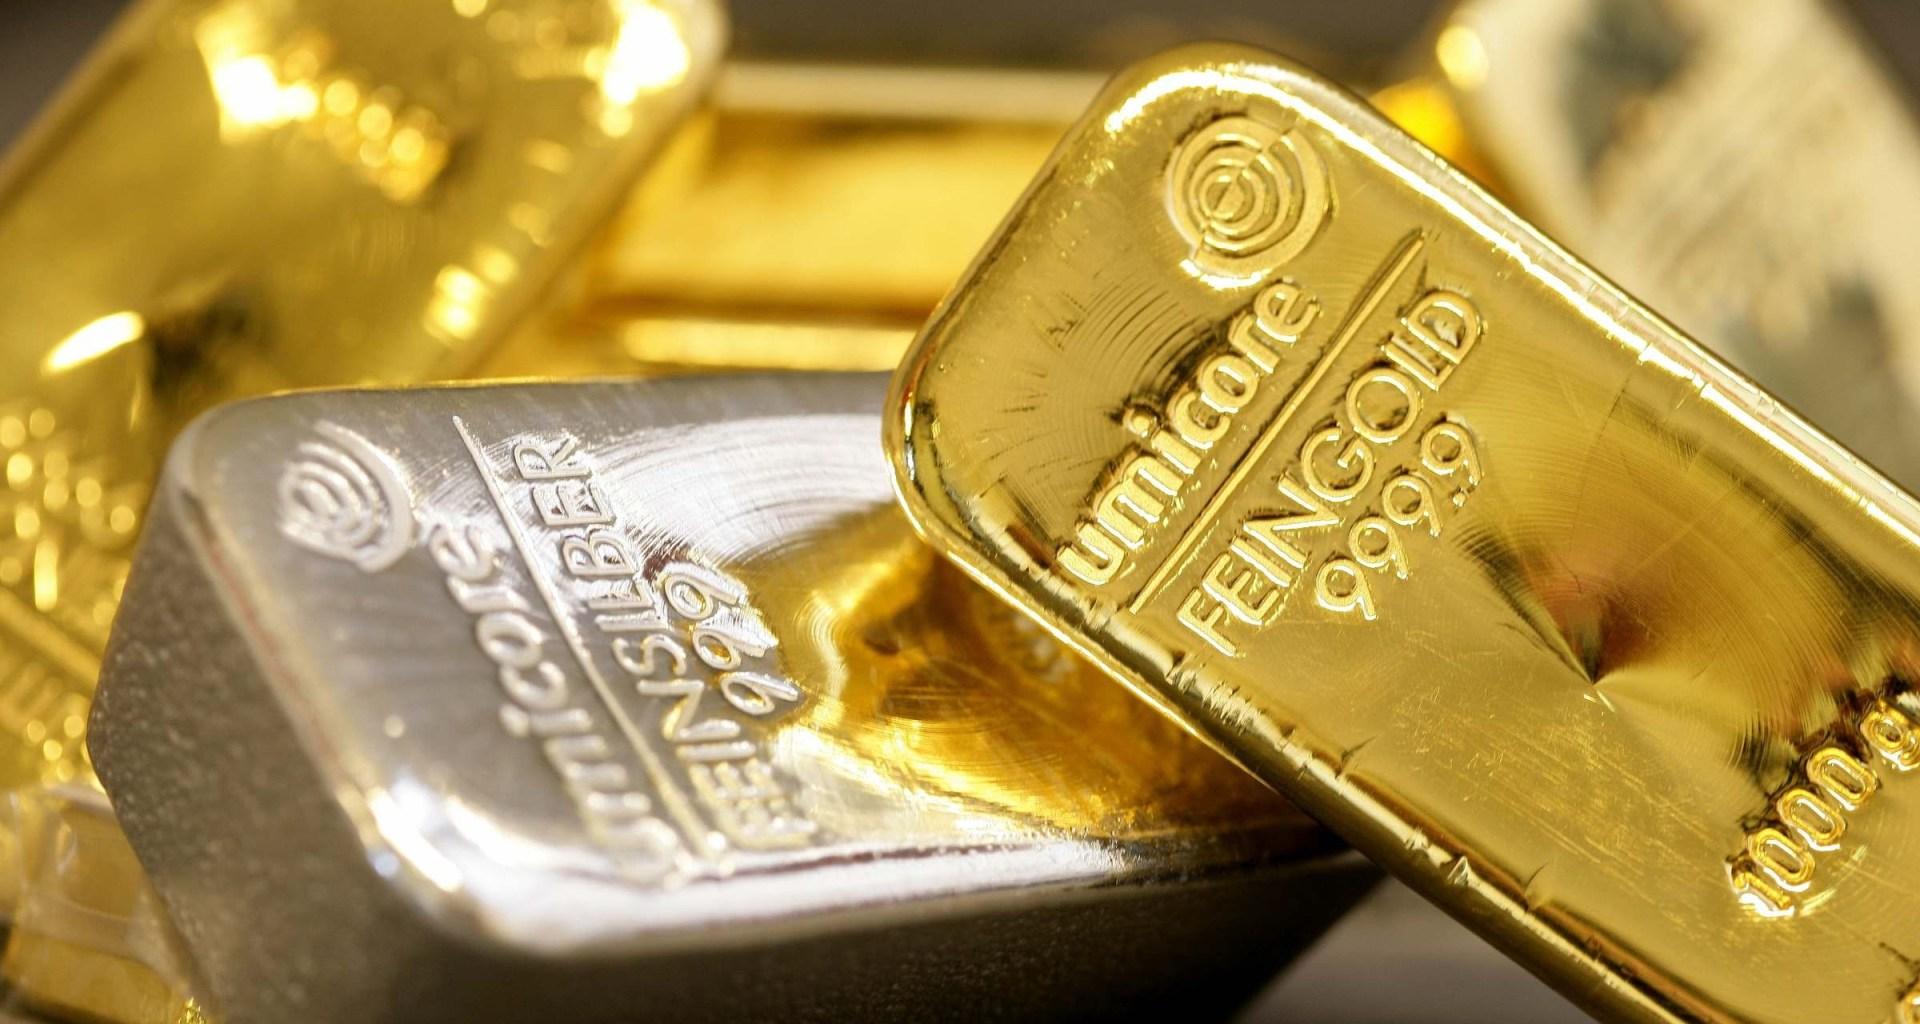 acheter de l'or facilement